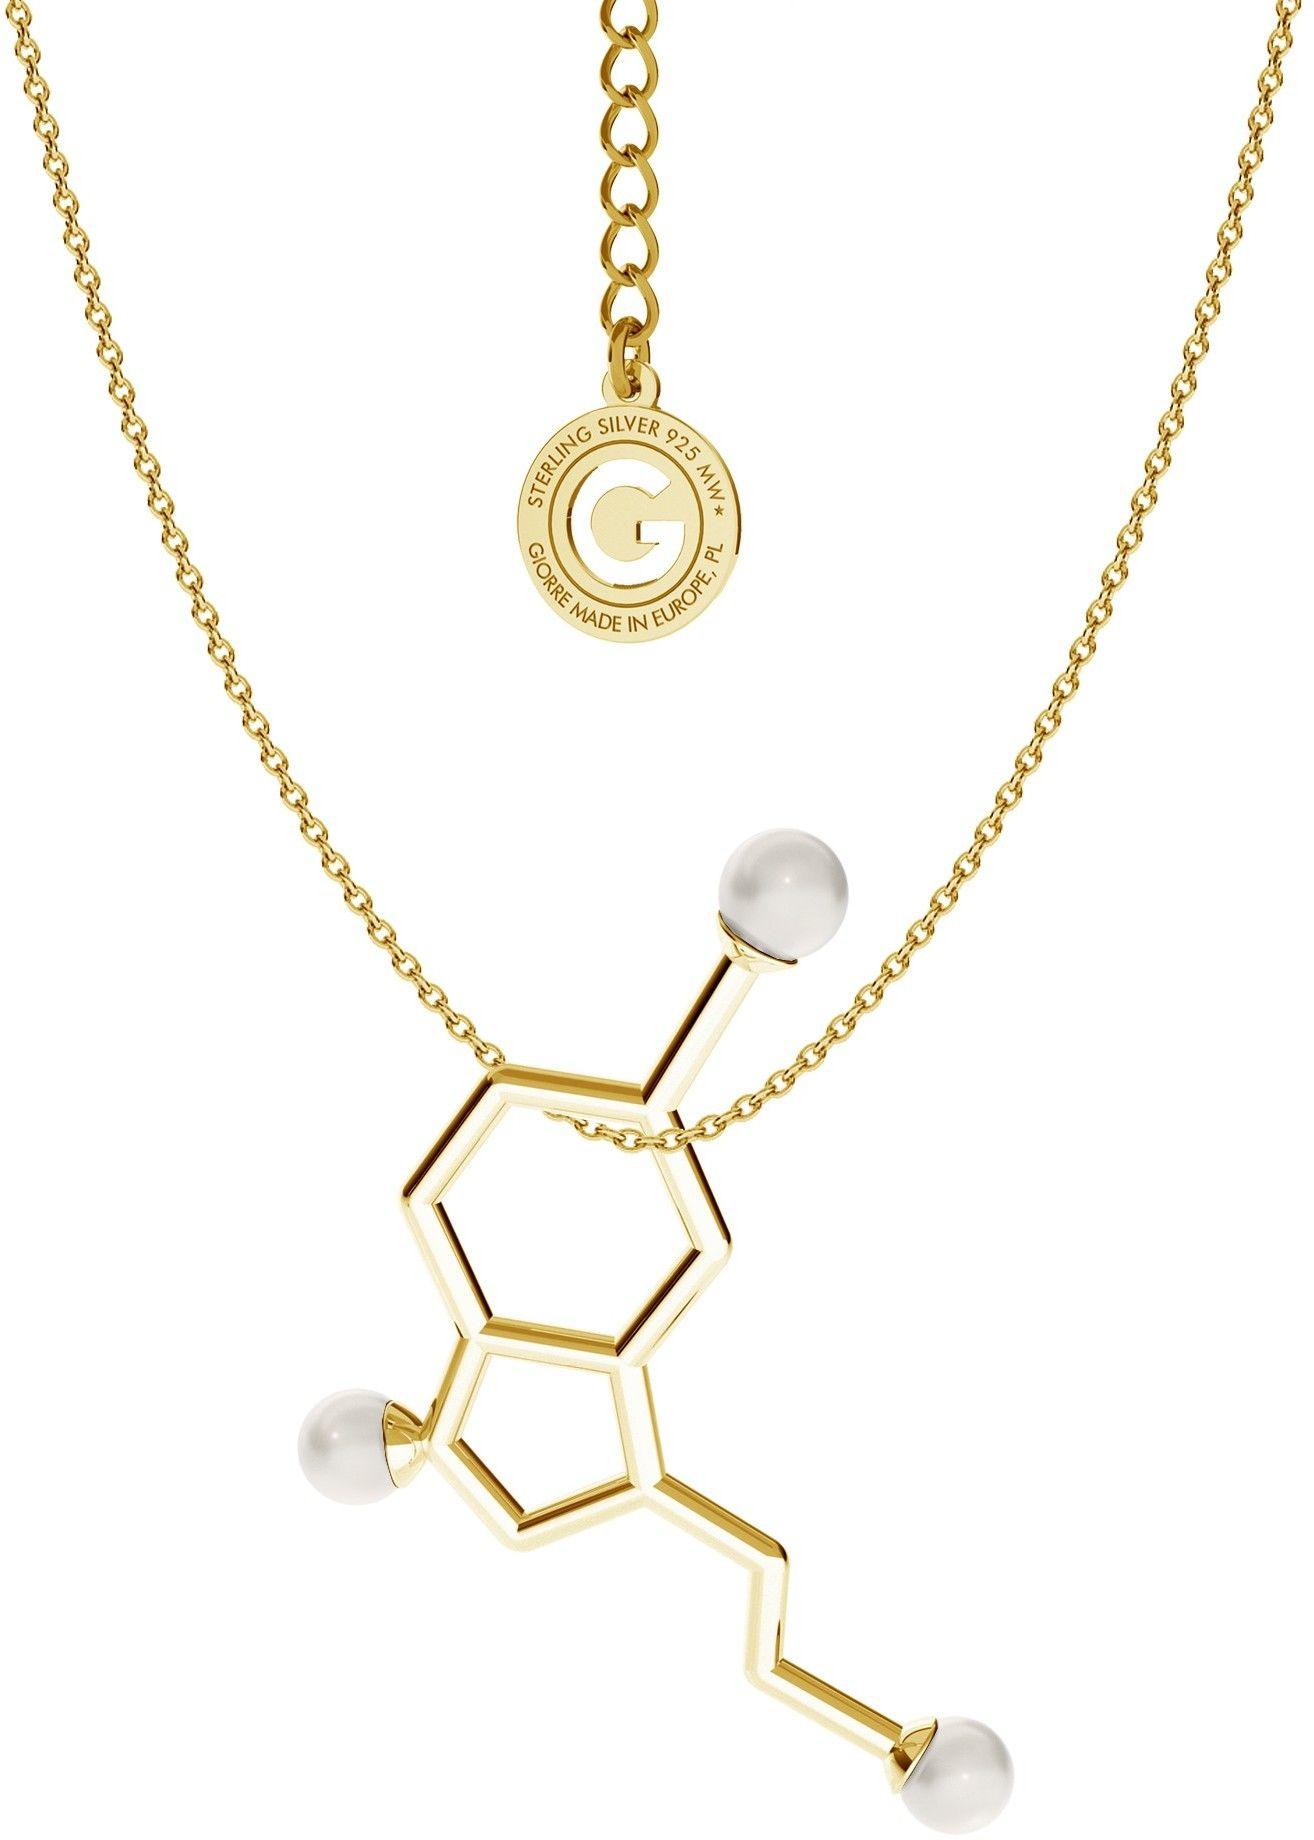 Srebrny naszyjnik - serotonina z małymi perłami Swarovskiego, wzór chemiczny, srebro 925 : Perła - kolory - SWAROVSKI WHITE, Srebro - kolor pokrycia - Pokrycie żółtym 18K złotem